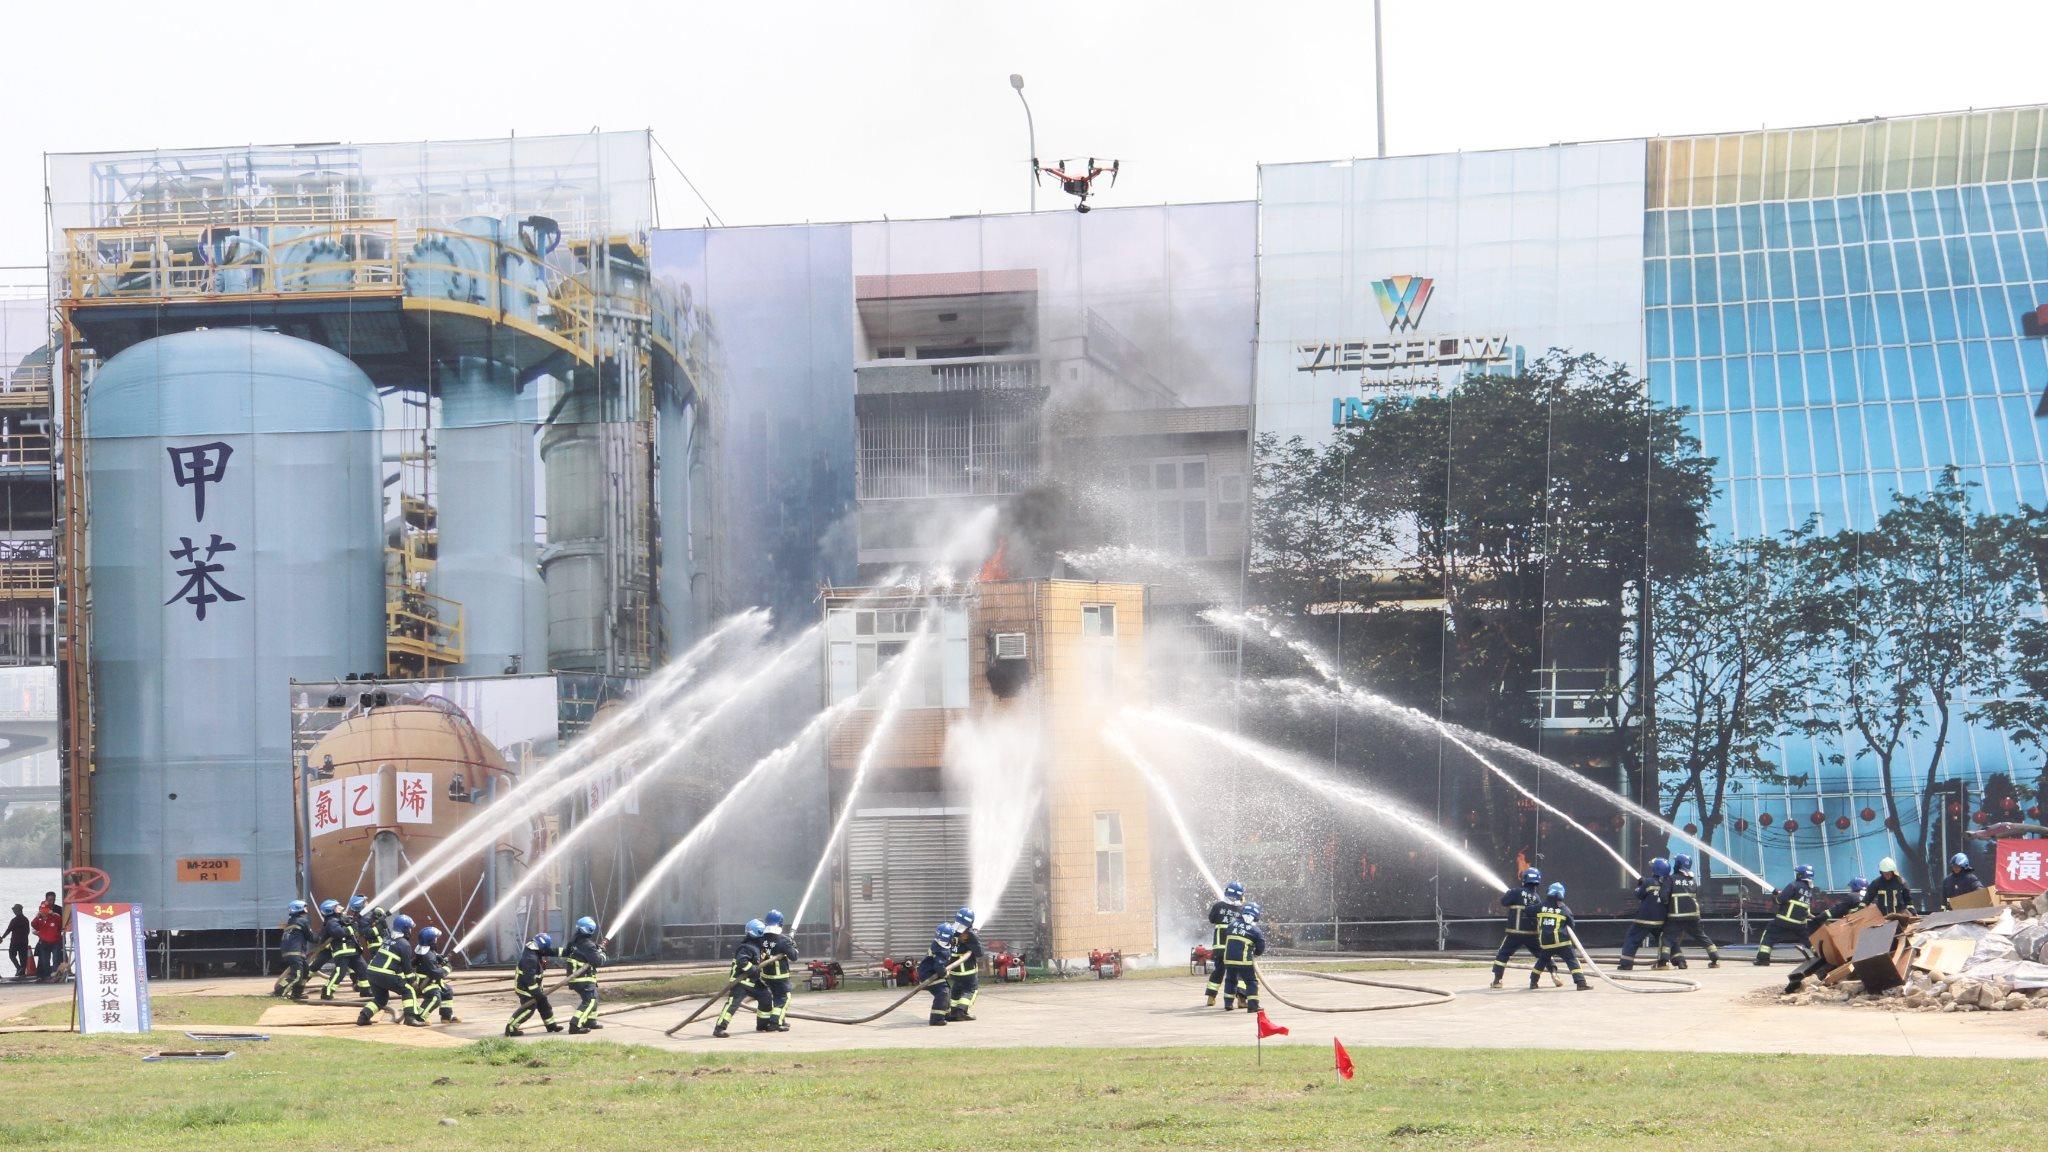 108年全民防衛動員暨災害防救(民安5號)演習規模歷年最大